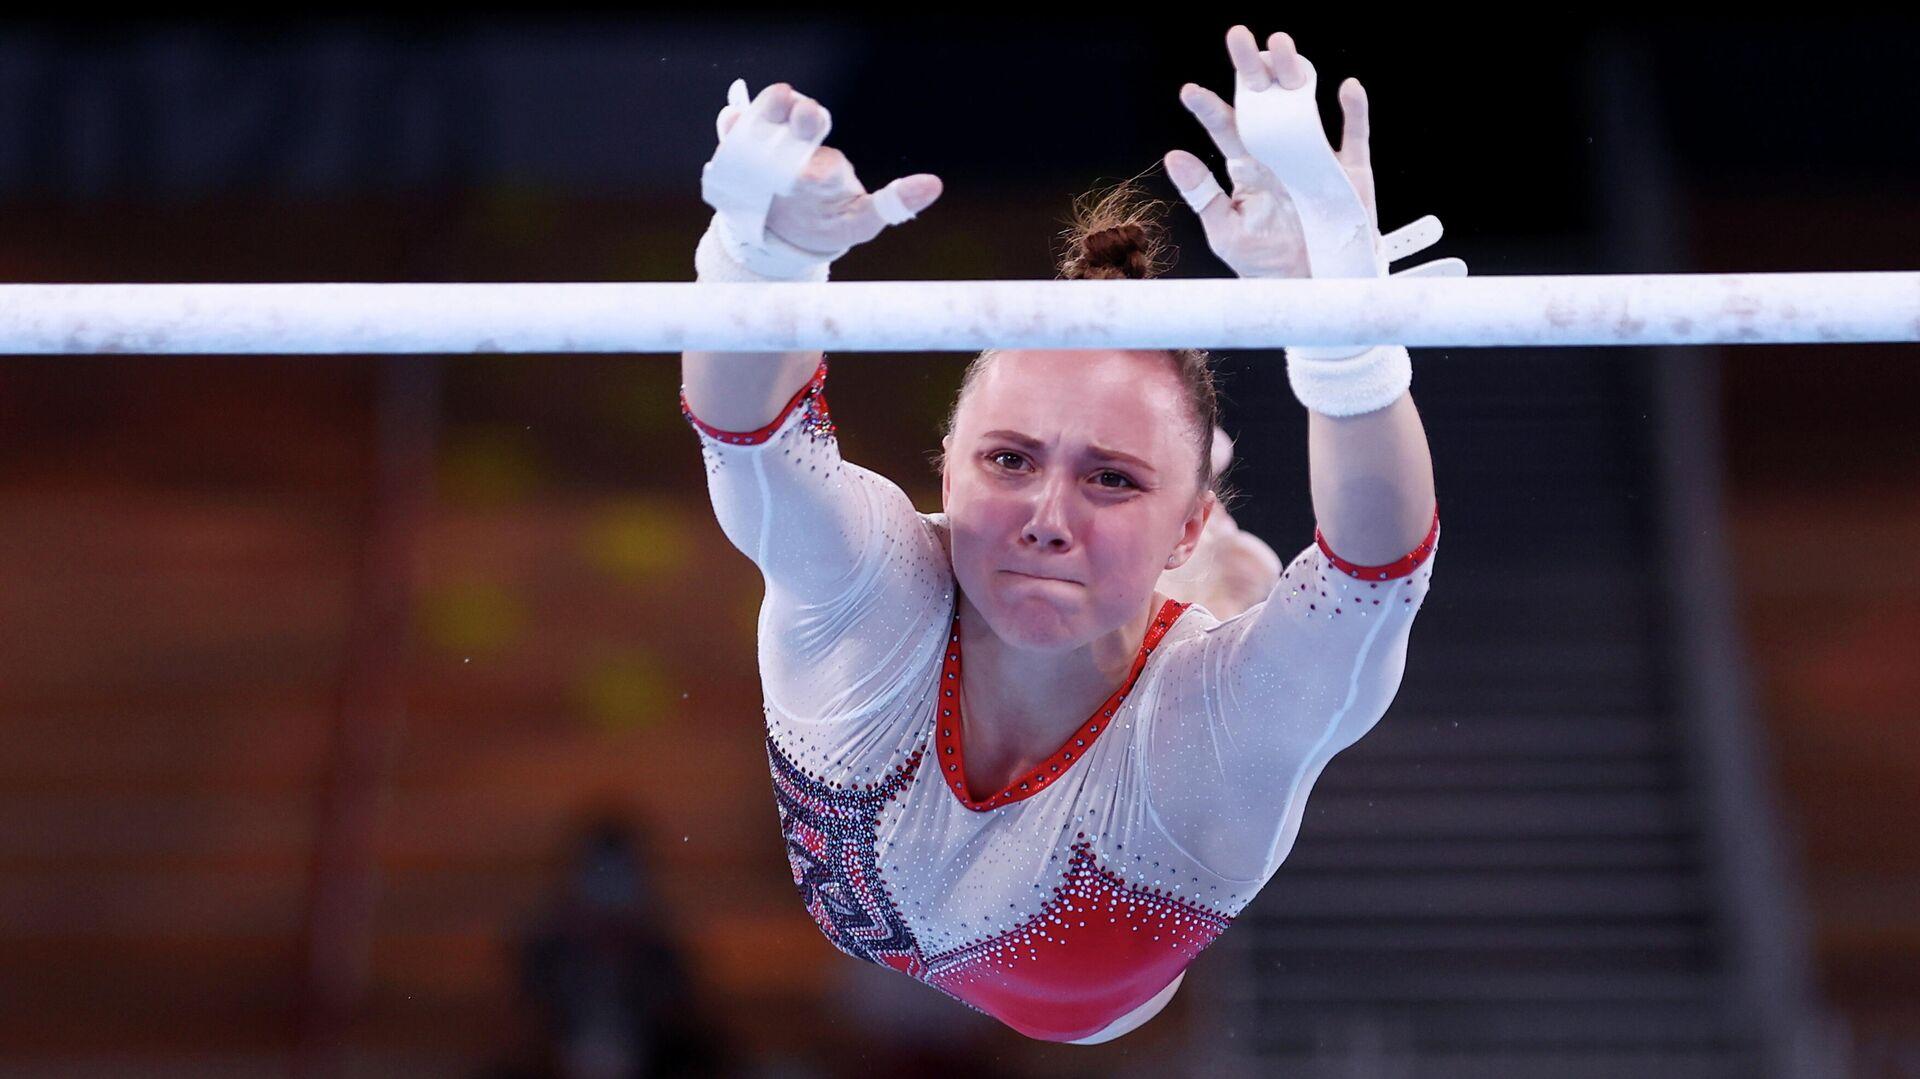 La gimnasta rusa Anastasia Iliankova, Tokio, el 1 de agosto de 2021 - Sputnik Mundo, 1920, 01.08.2021